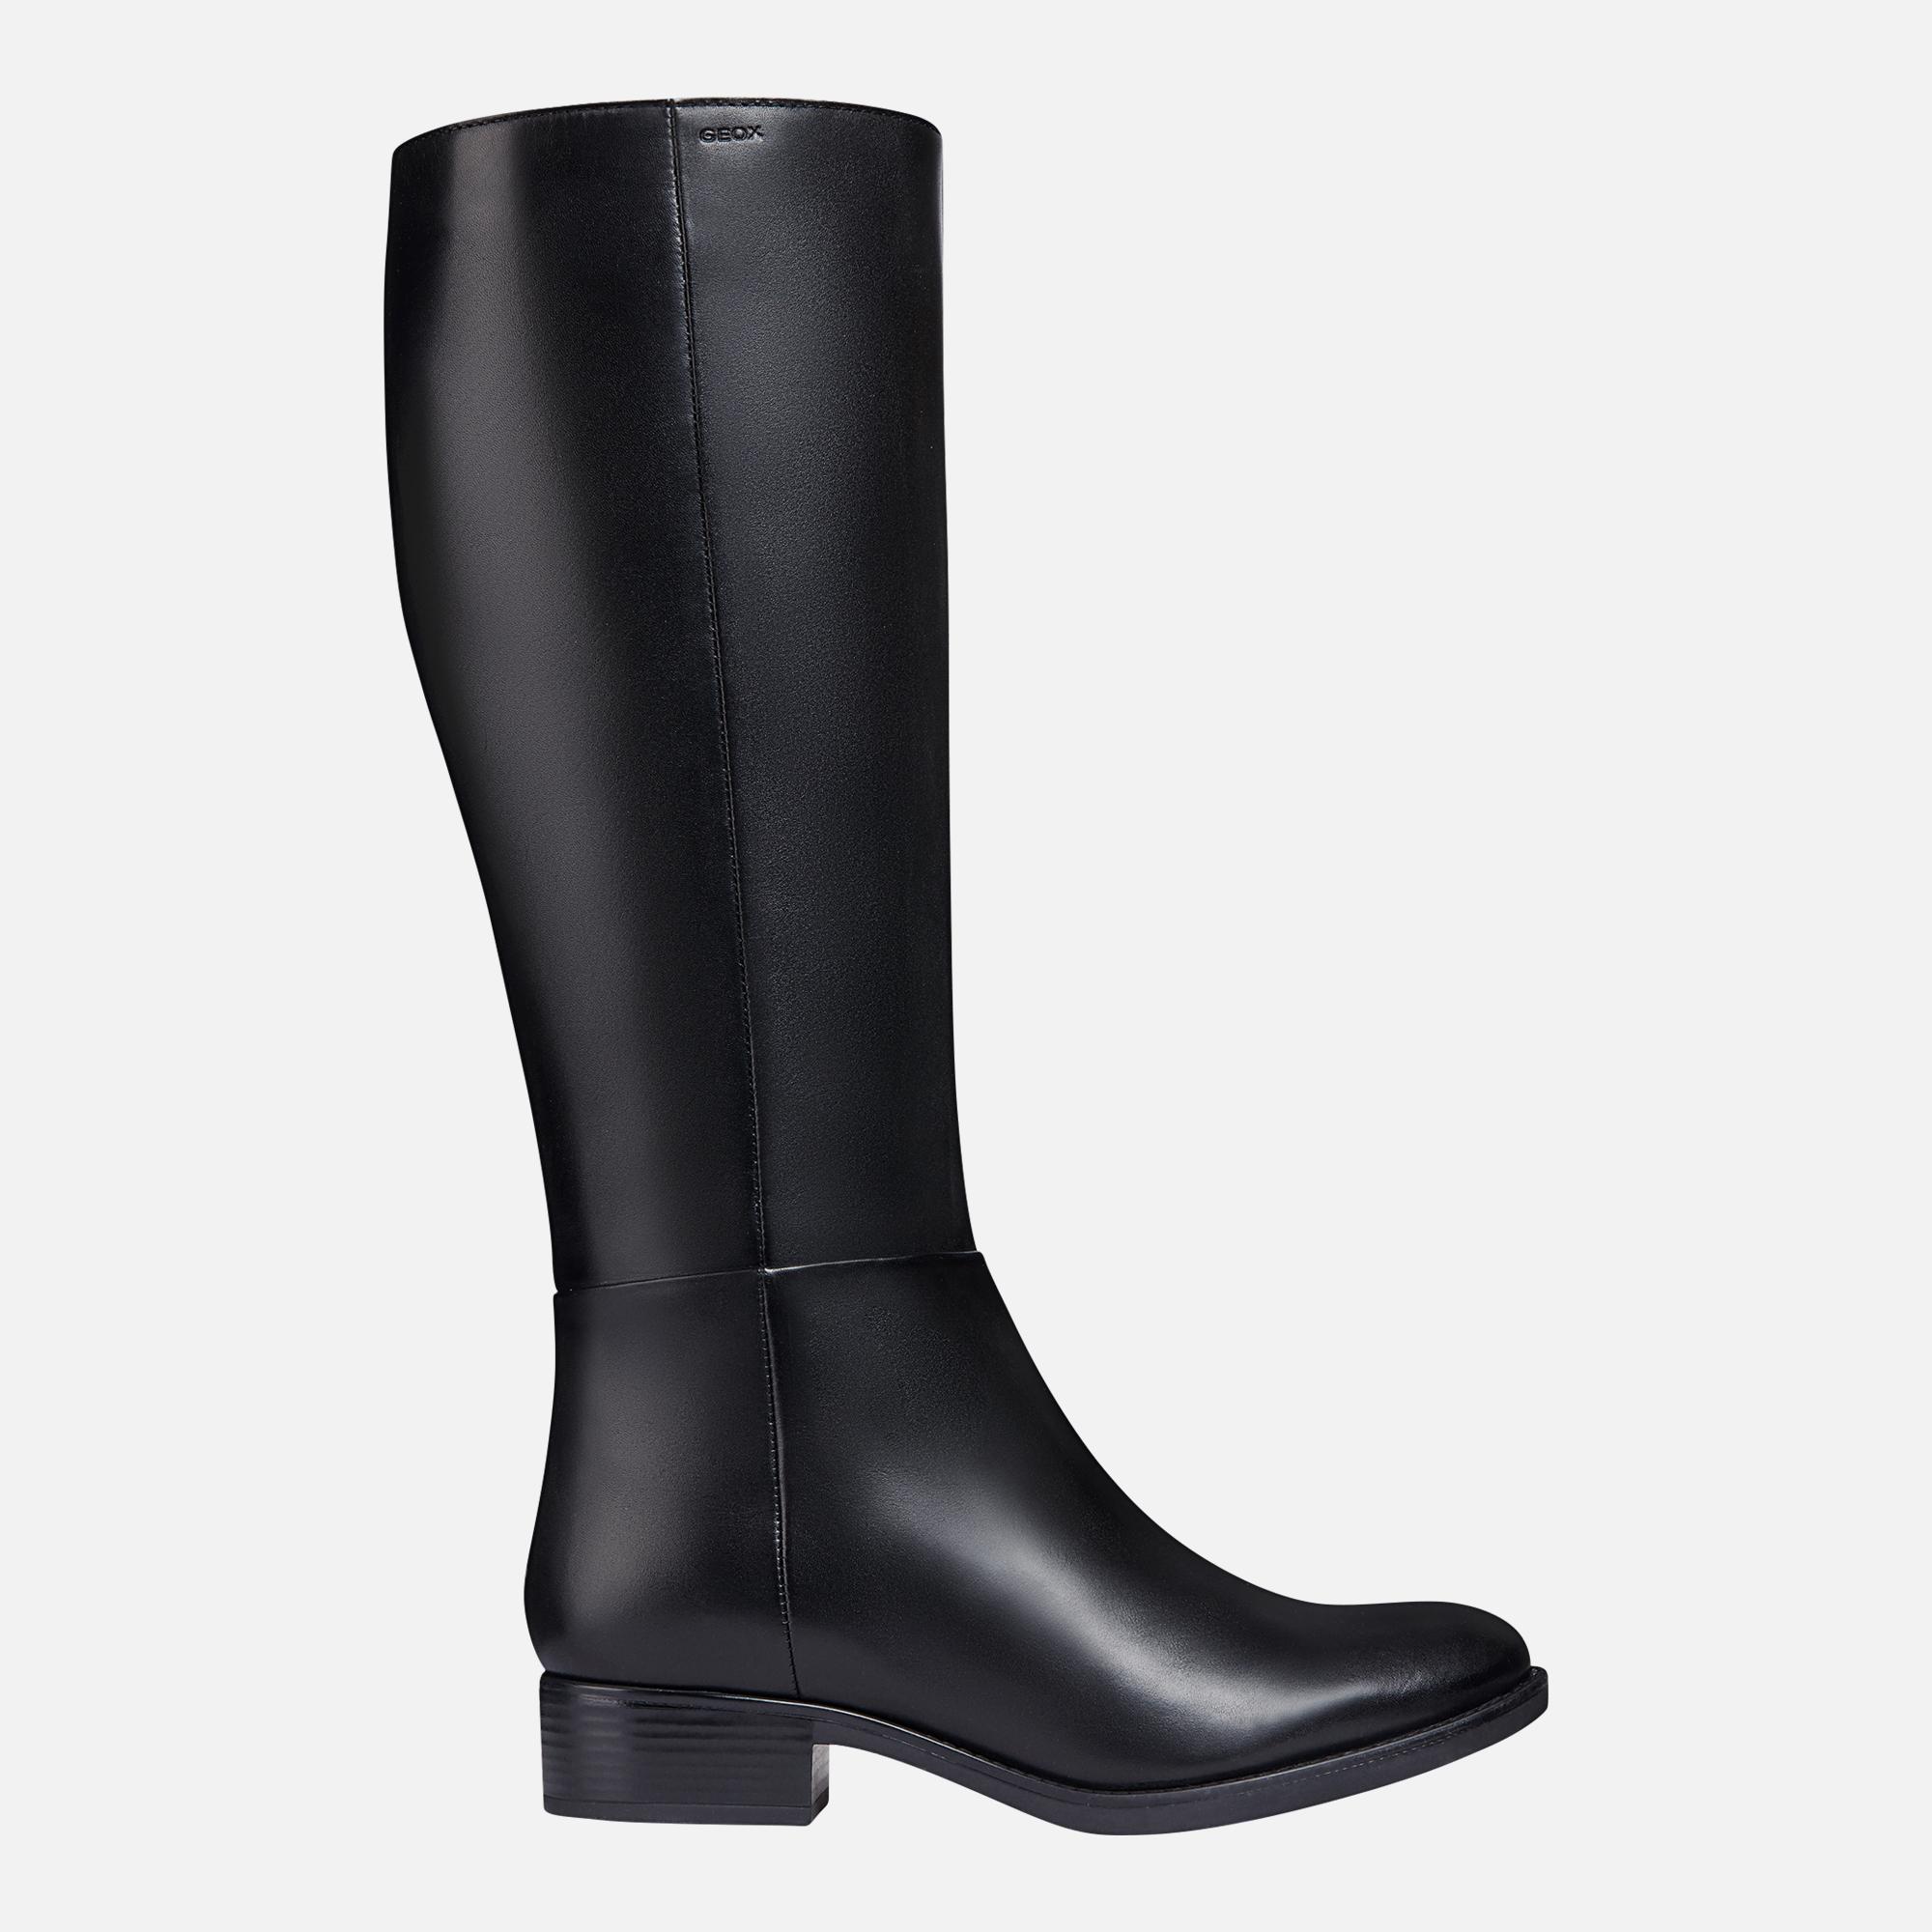 lanzamiento Fuerza motriz Arrepentimiento  Geox FELICITY Woman: Black Boots   Geox® FW20